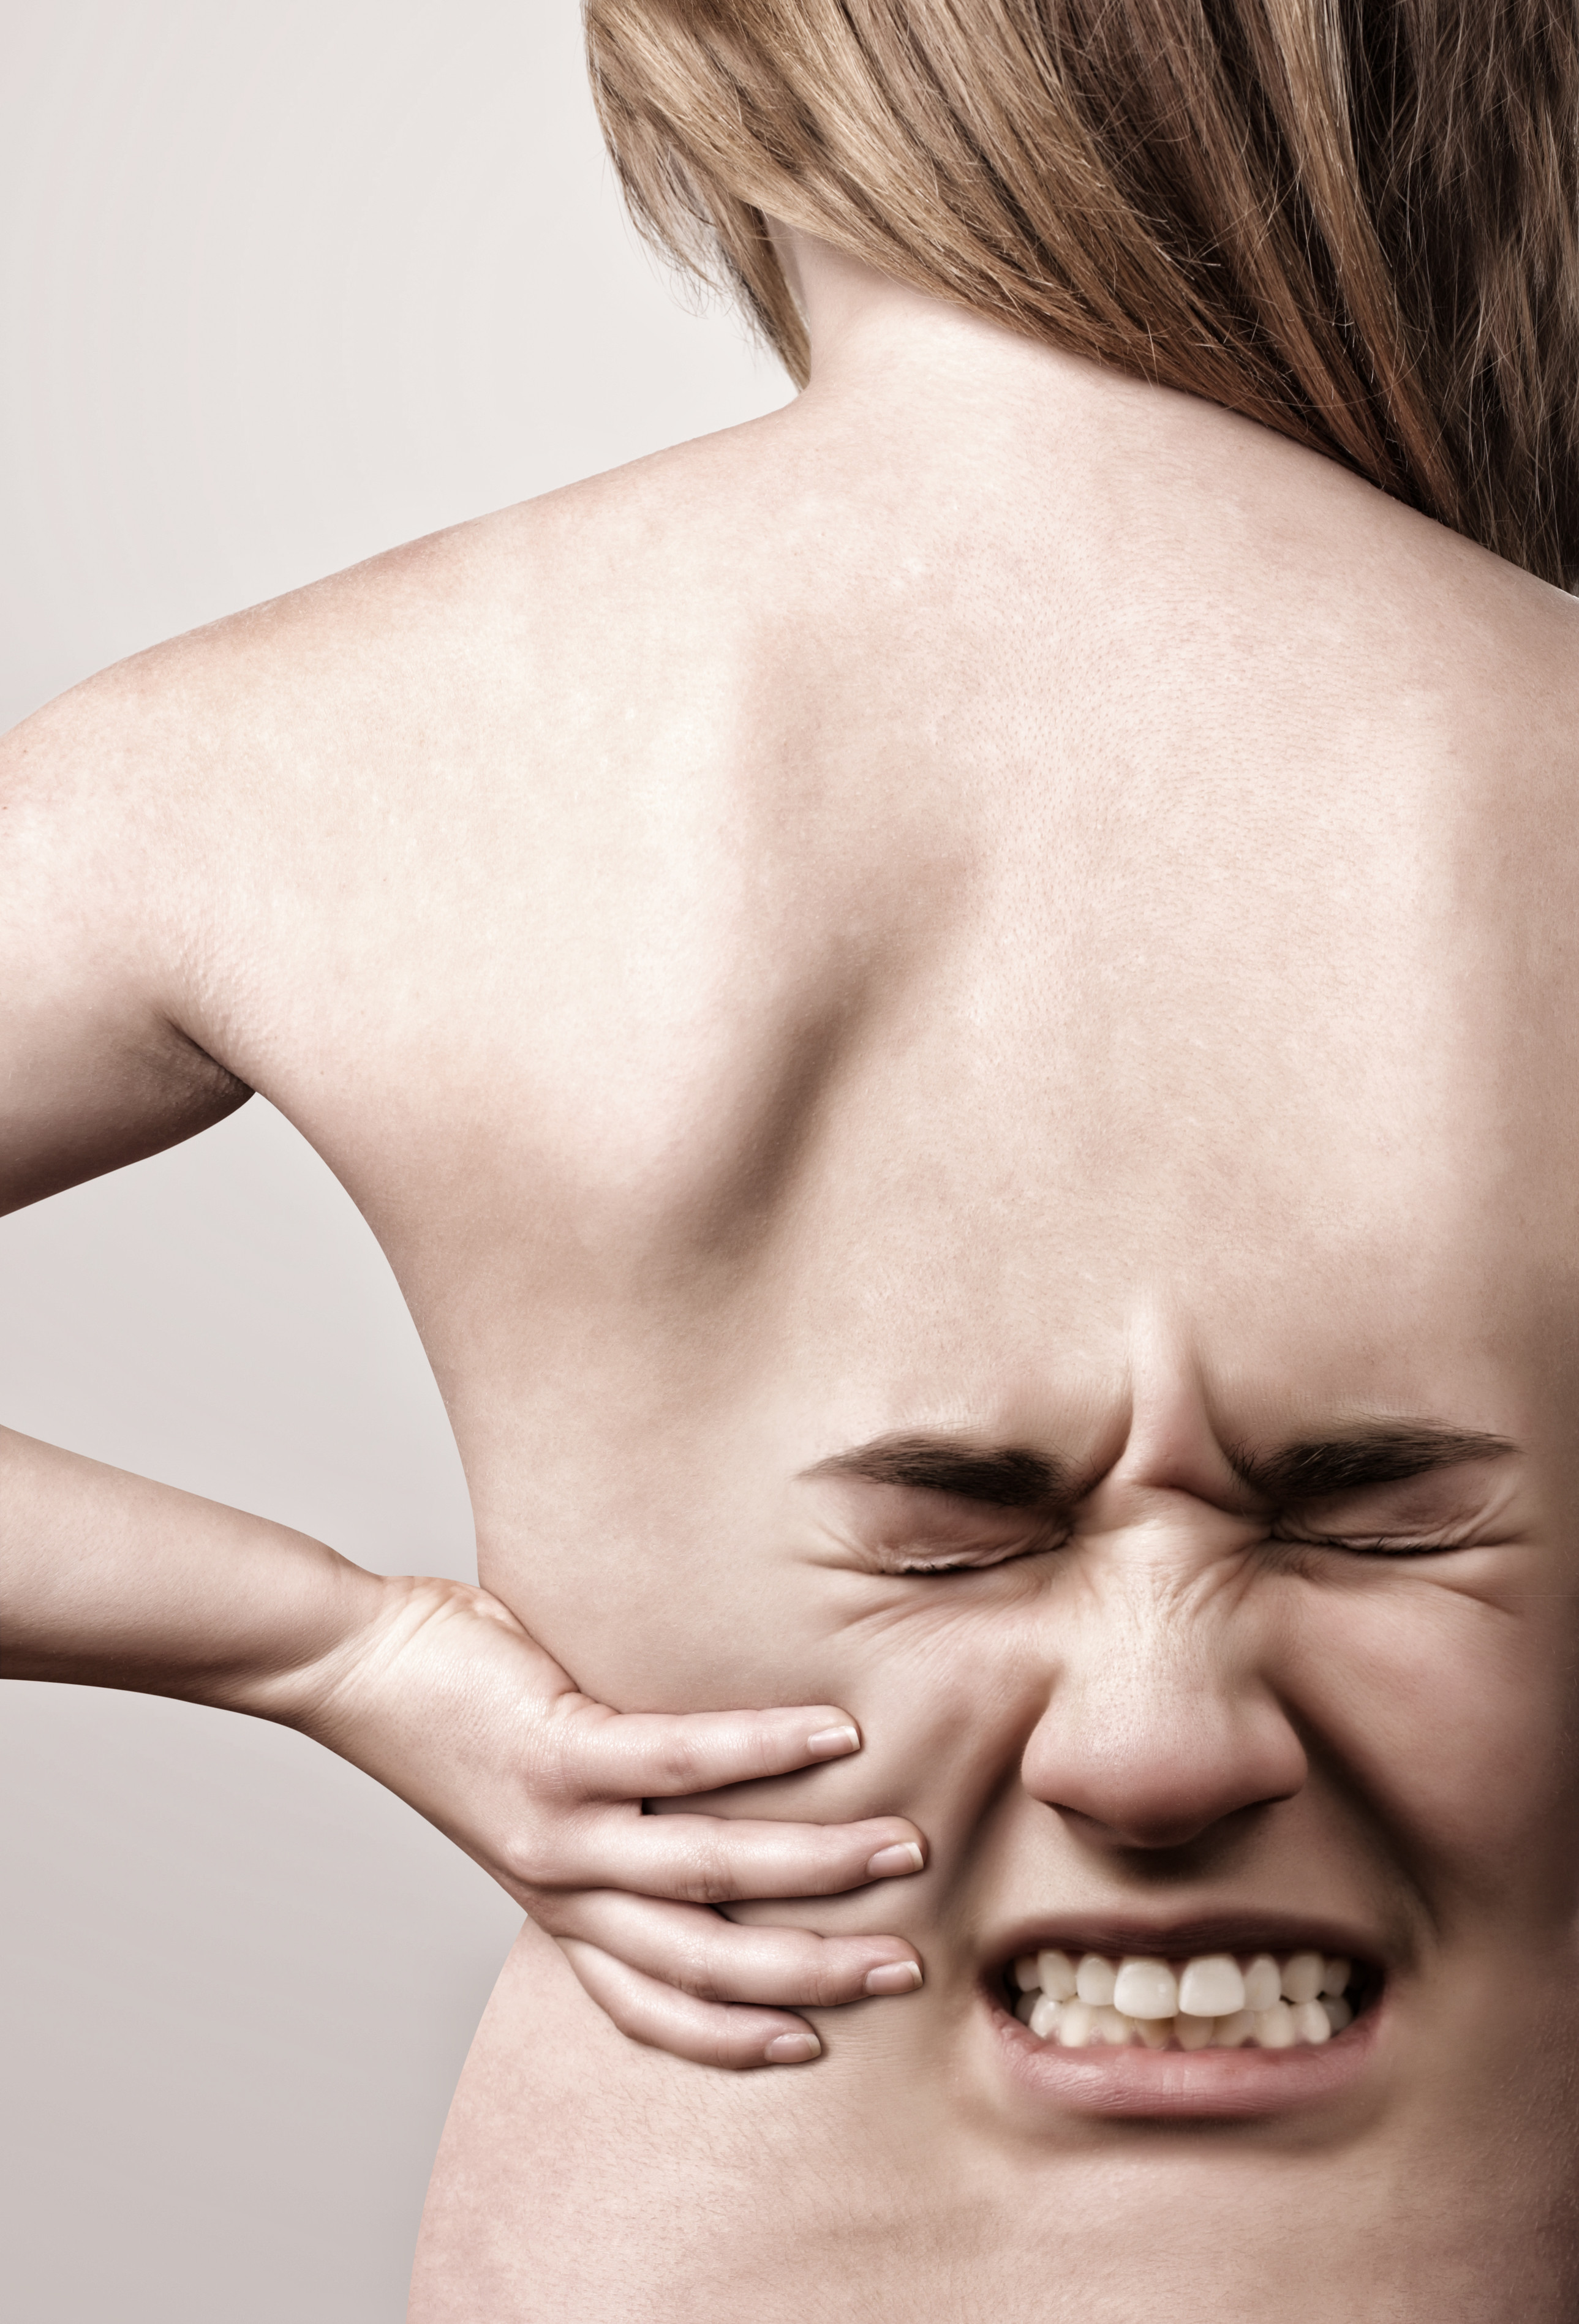 Mensch leidet unter Rückenschmerzen und Gelenkschmerzen